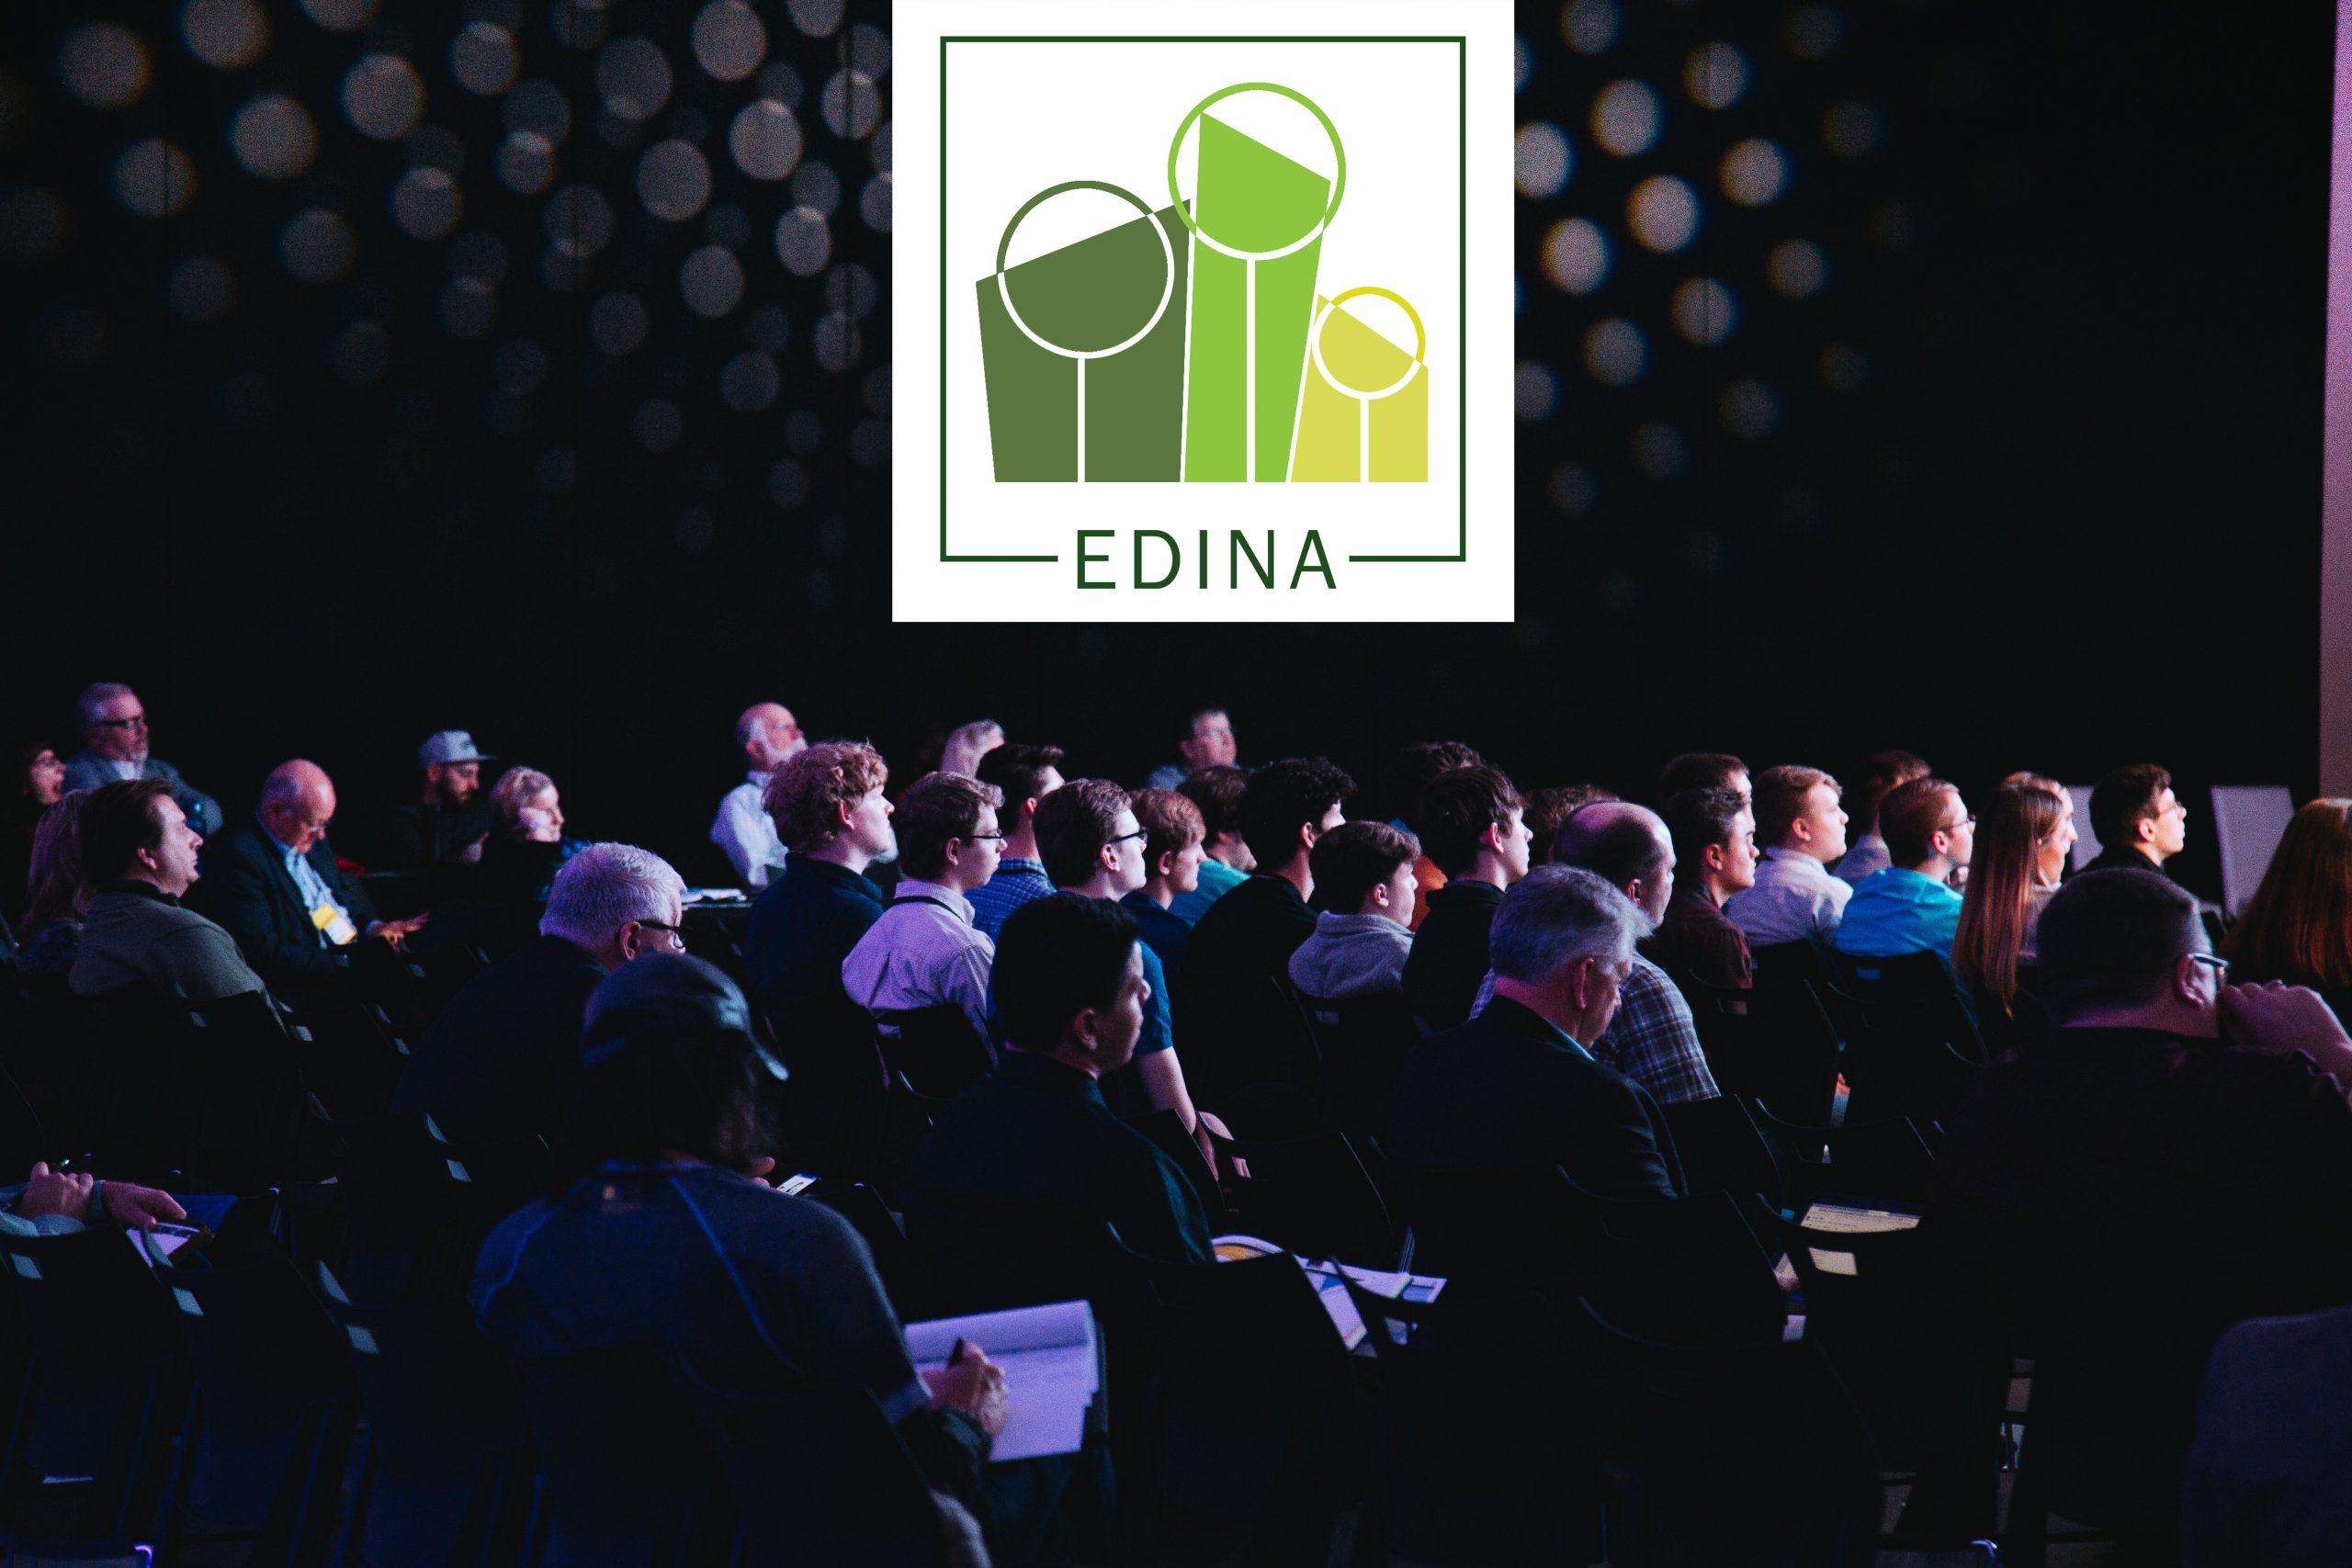 Kongres Polityki Miejskiej – Warsztaty dotyczące poprawy efektywności energetycznej w obszarach rewitalizacji (projekt EDINA) – Katowice, 7 czerwca 2021 r.